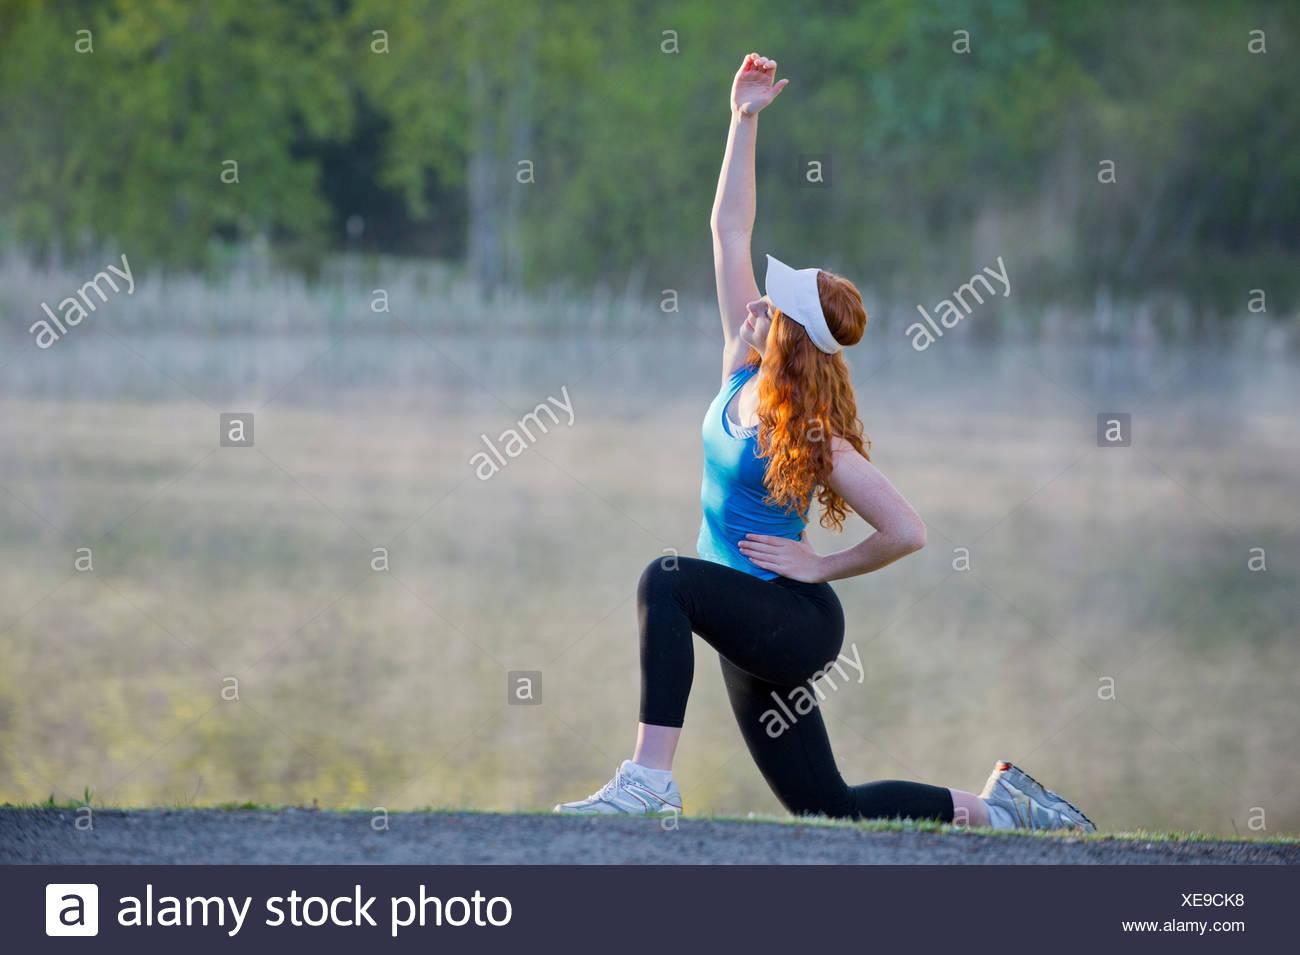 Adolescente en ropa deportiva estiramientos Imagen De Stock